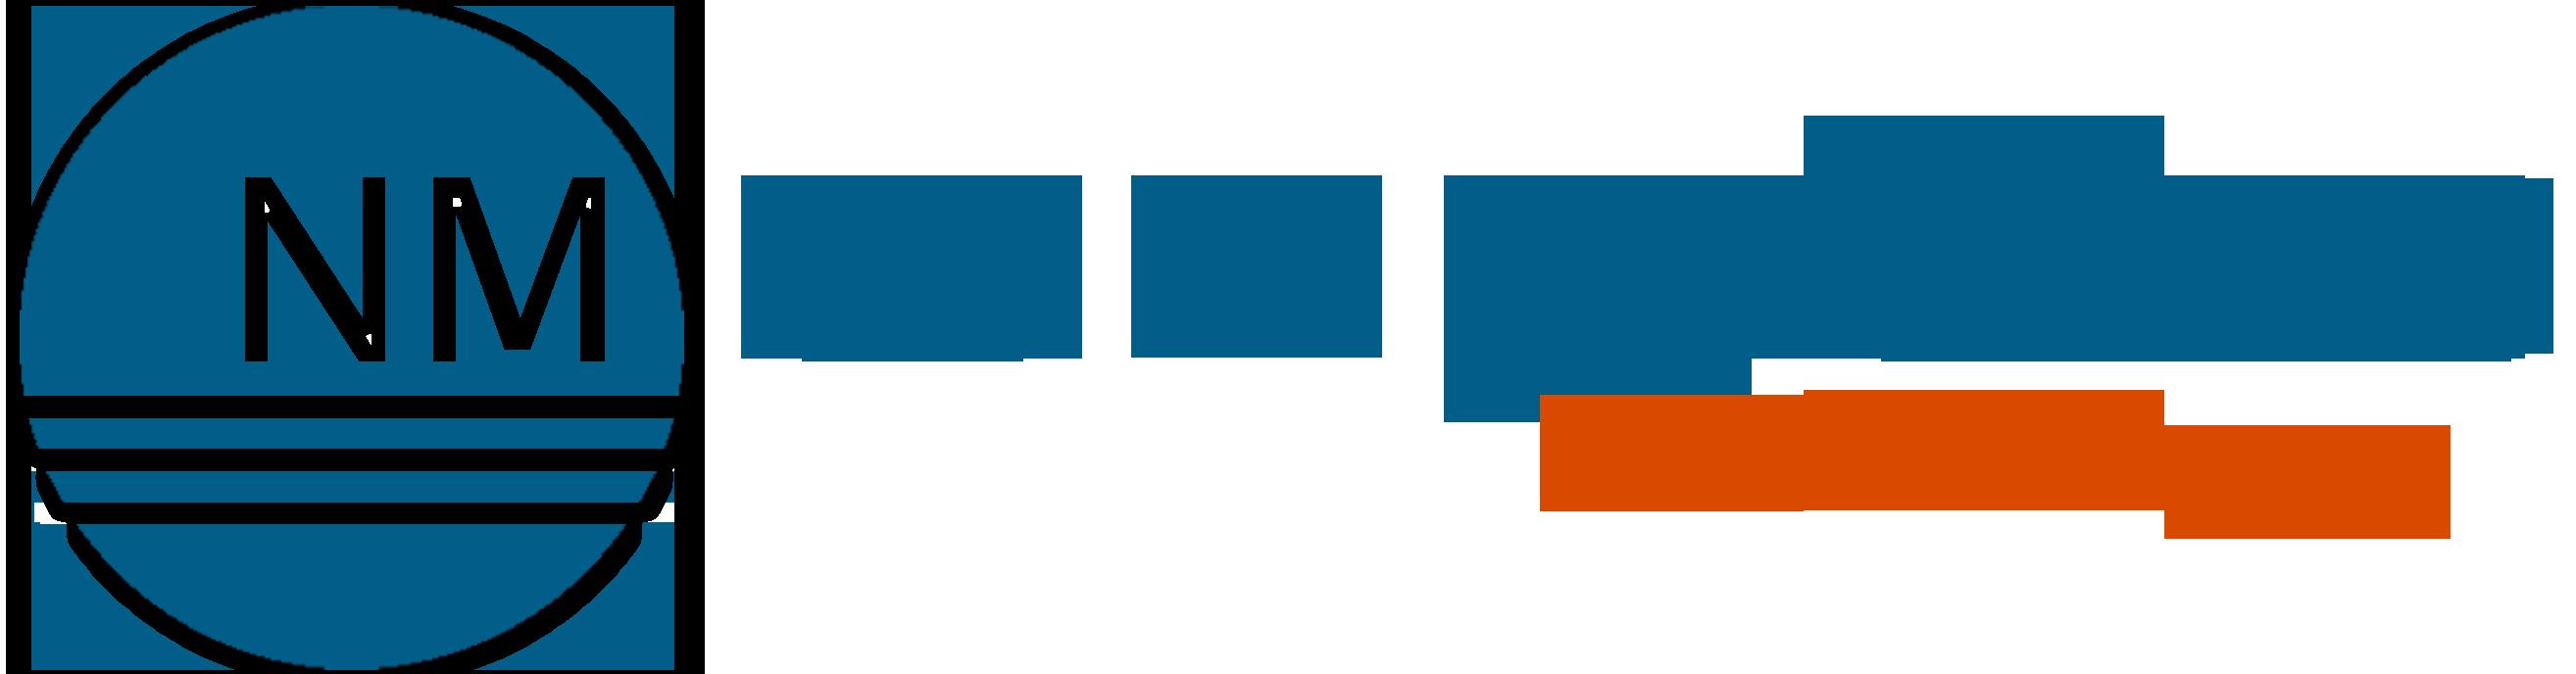 NM Composites